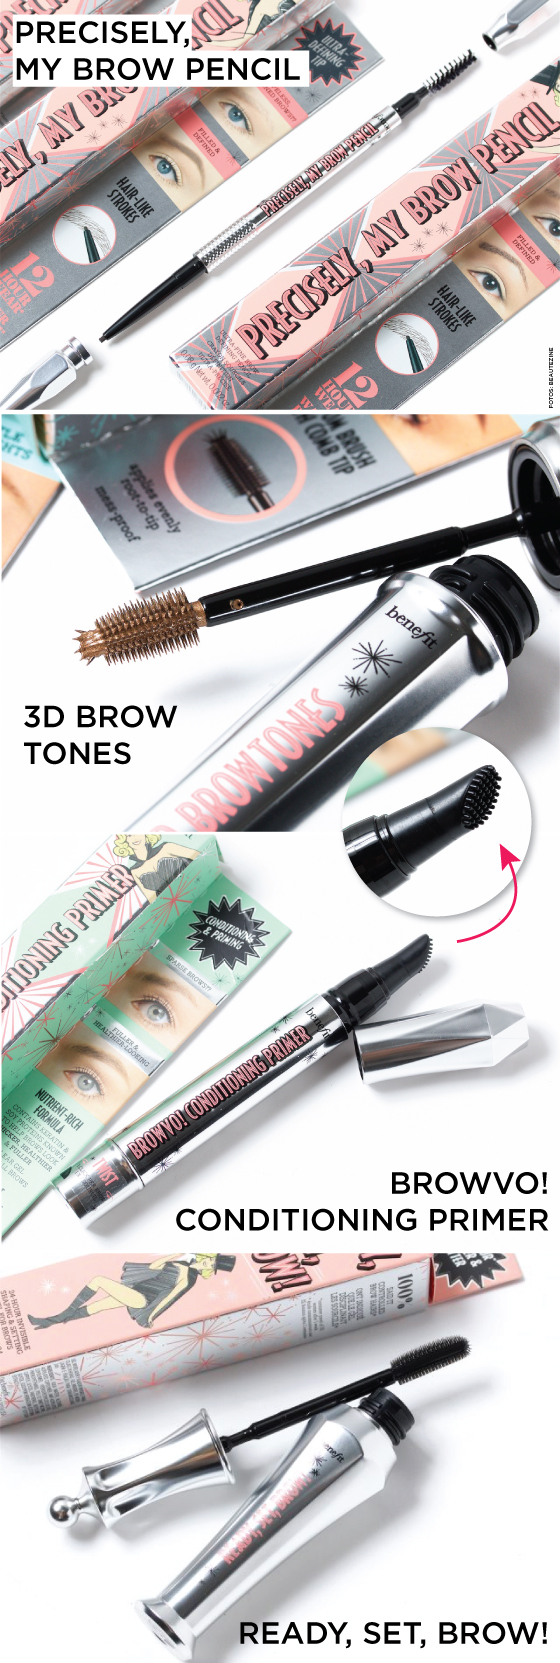 brow-produto-sobrancelha-novo-lancamento-benefit-make-maquiagem-resenha